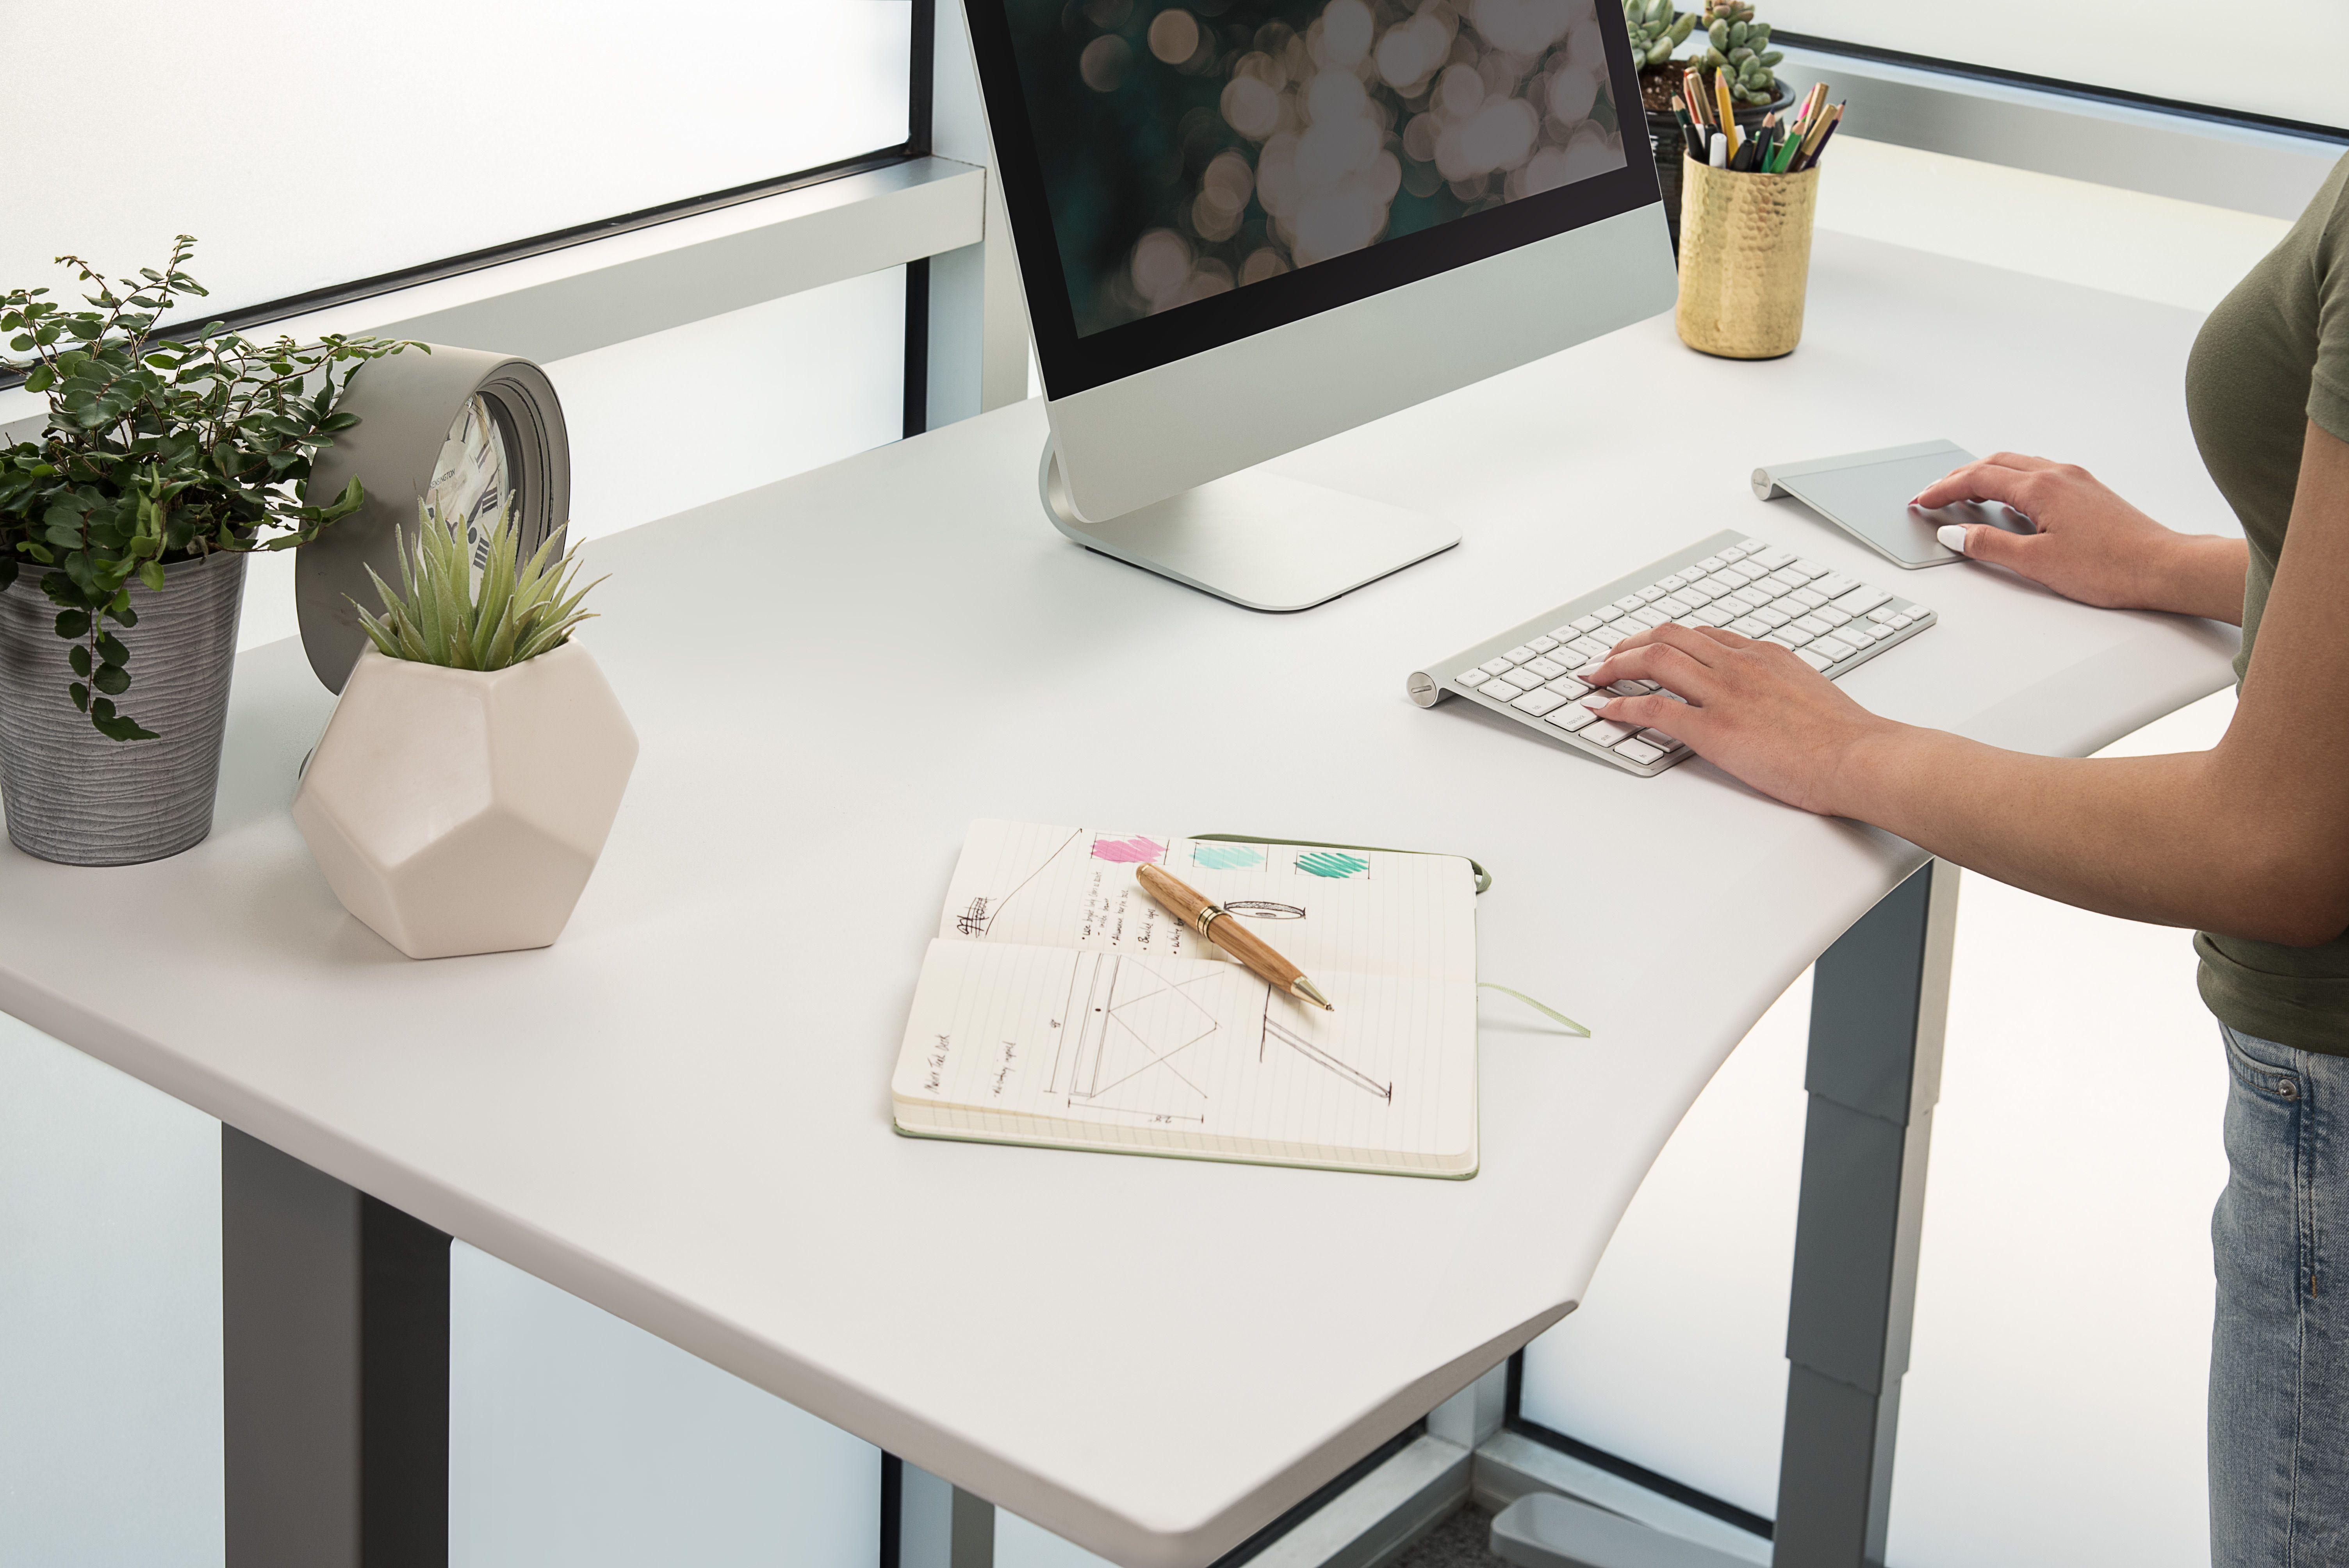 Uplift Ergo Edge Curve Standing Desk V2 V2 Commercial Sit Stand Desk Adjustable Uplift Desk Space Planning